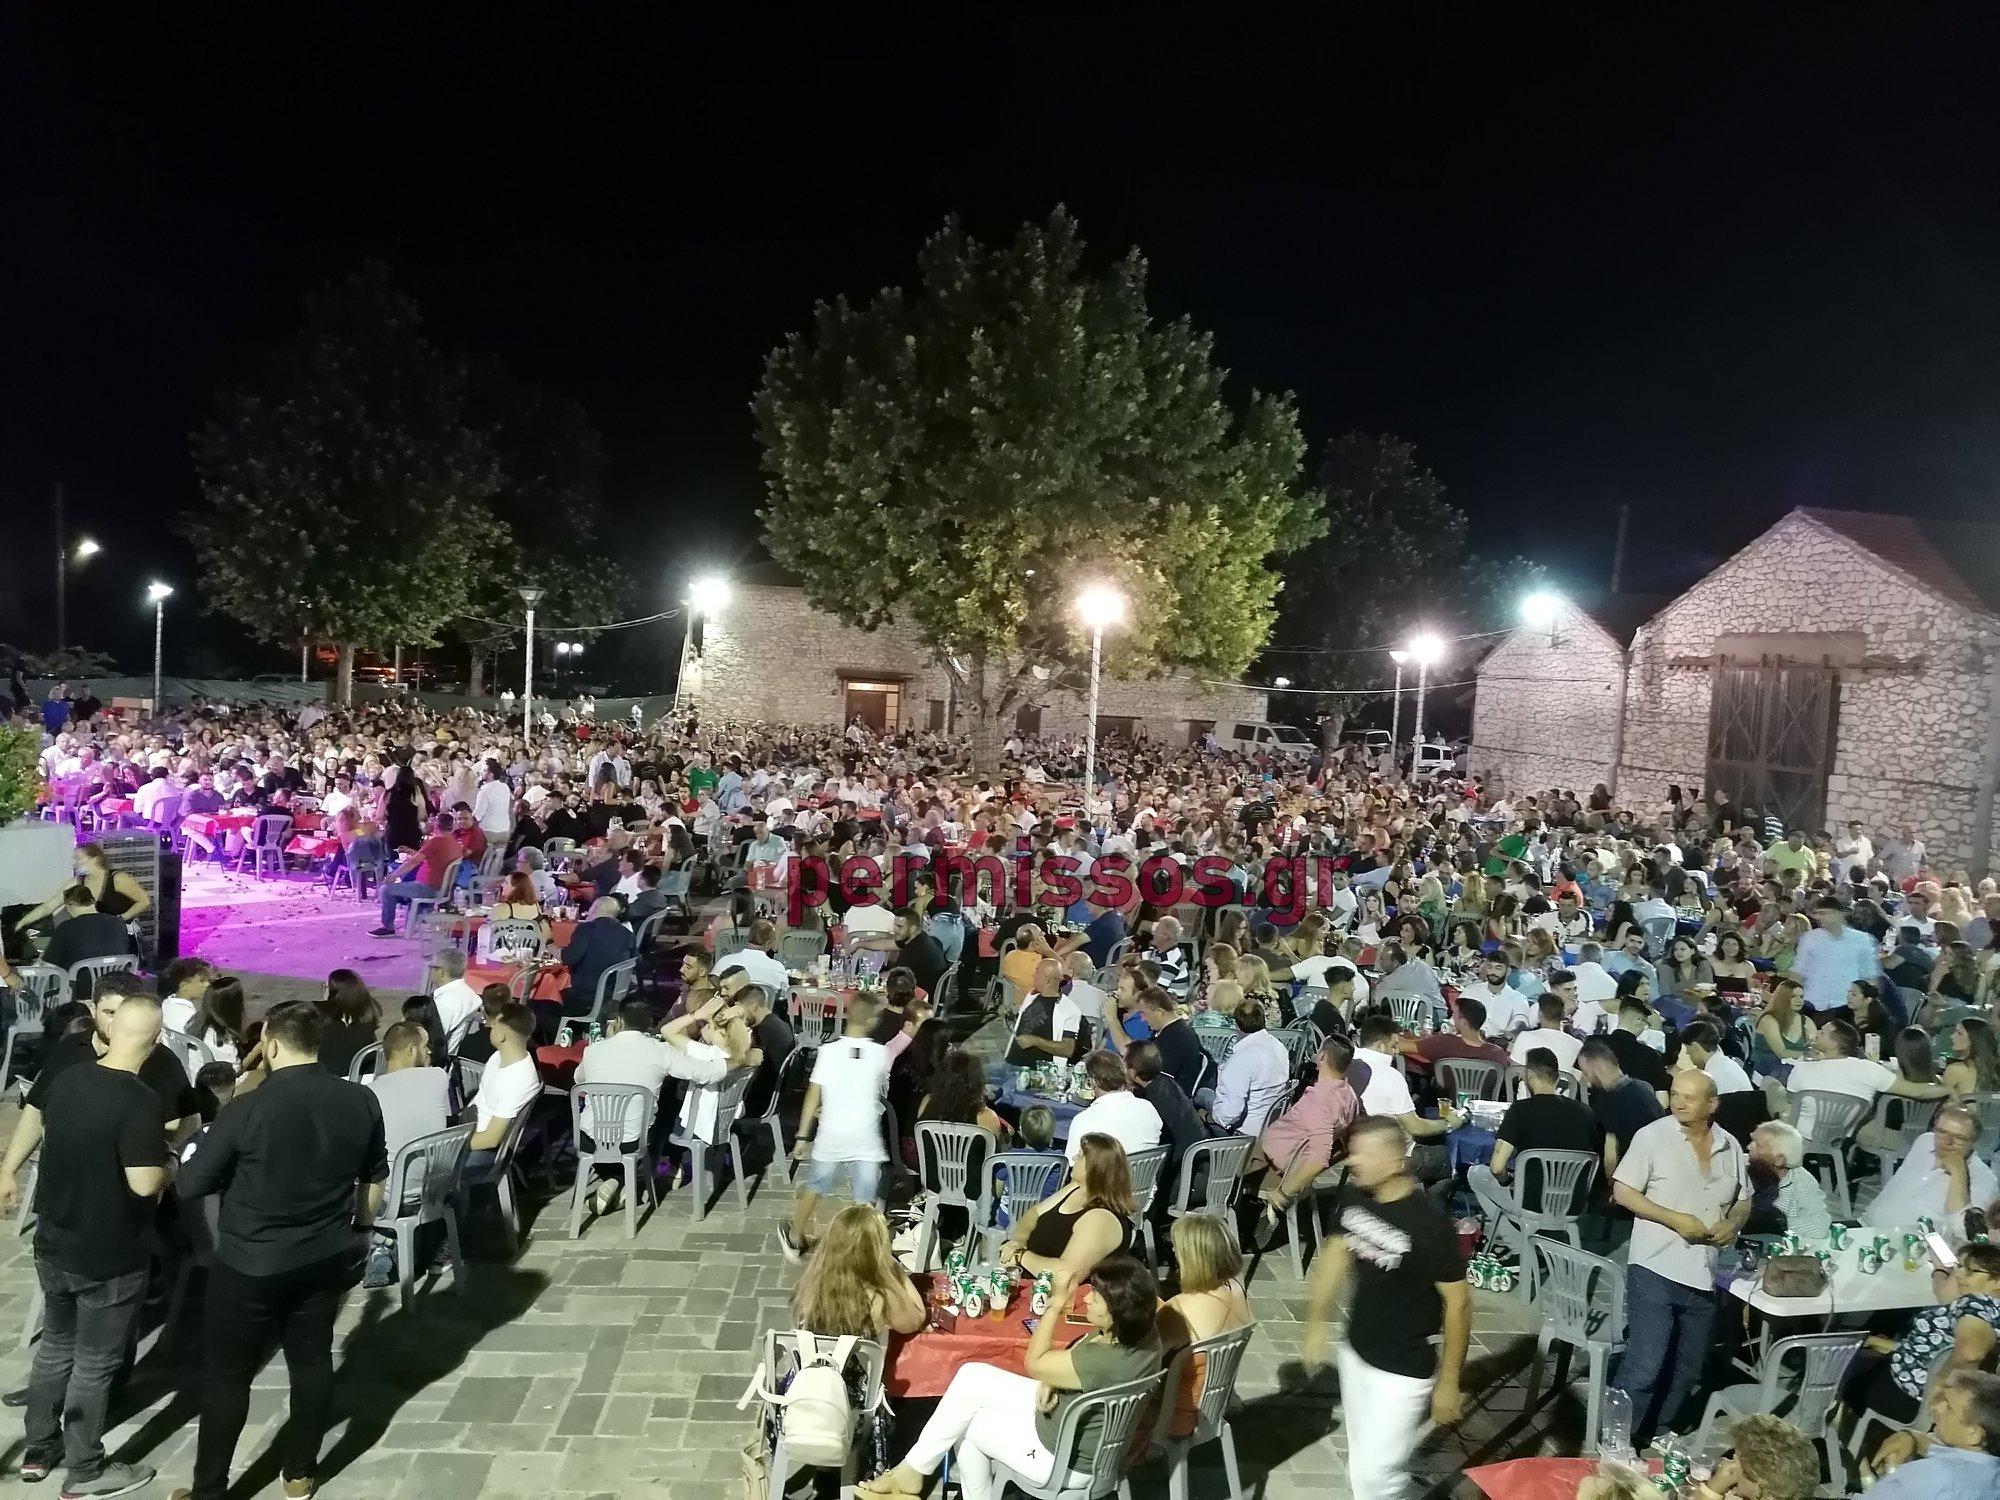 Βουλευτής που συμμετείχε στο γλέντι στην Αλίαρτο: Μήπως να το ξανασκεφτούμε για τα πανηγύρια;